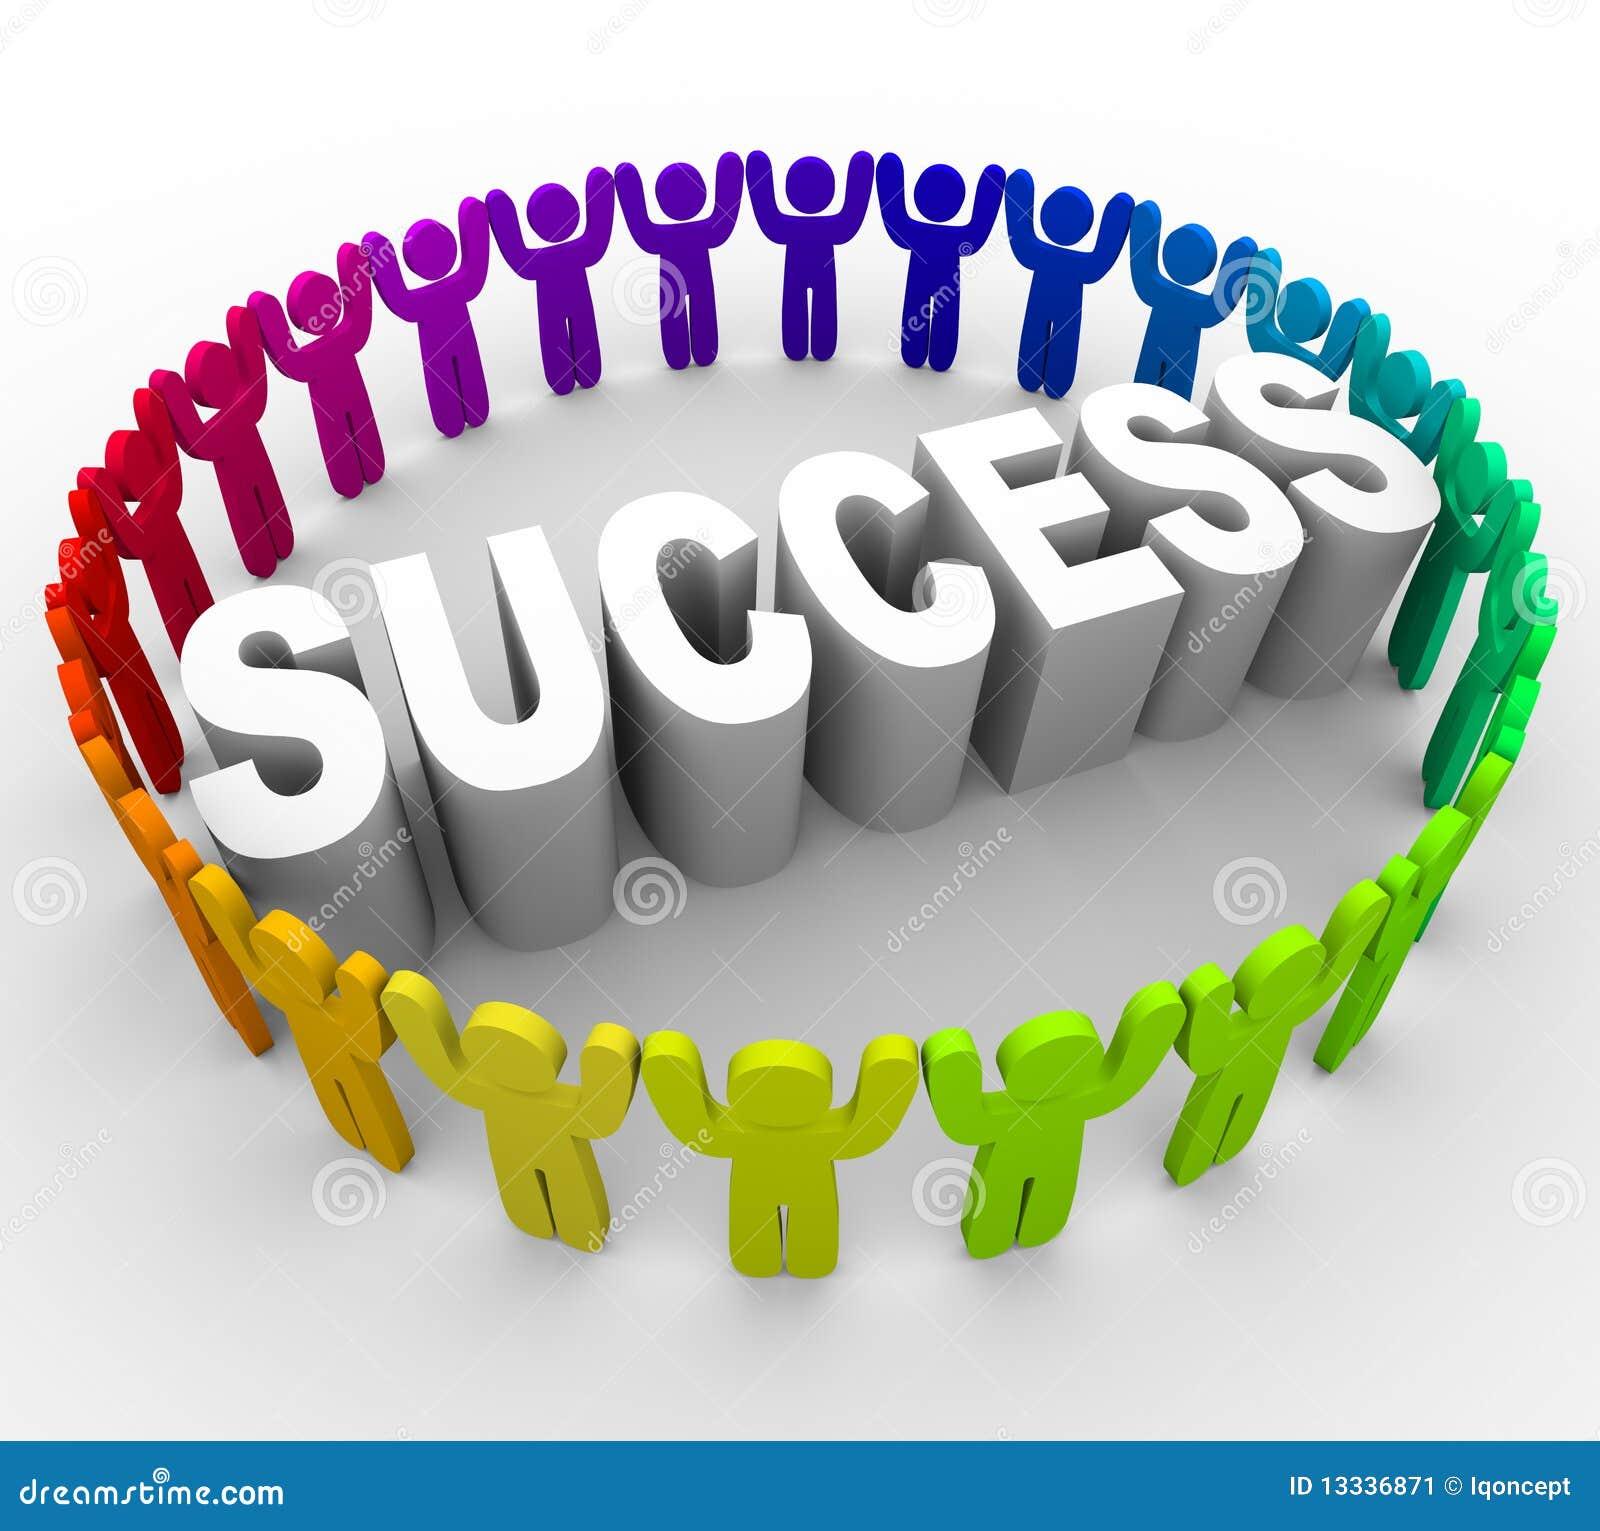 Tenga éxito - la palabra circundante de la gente